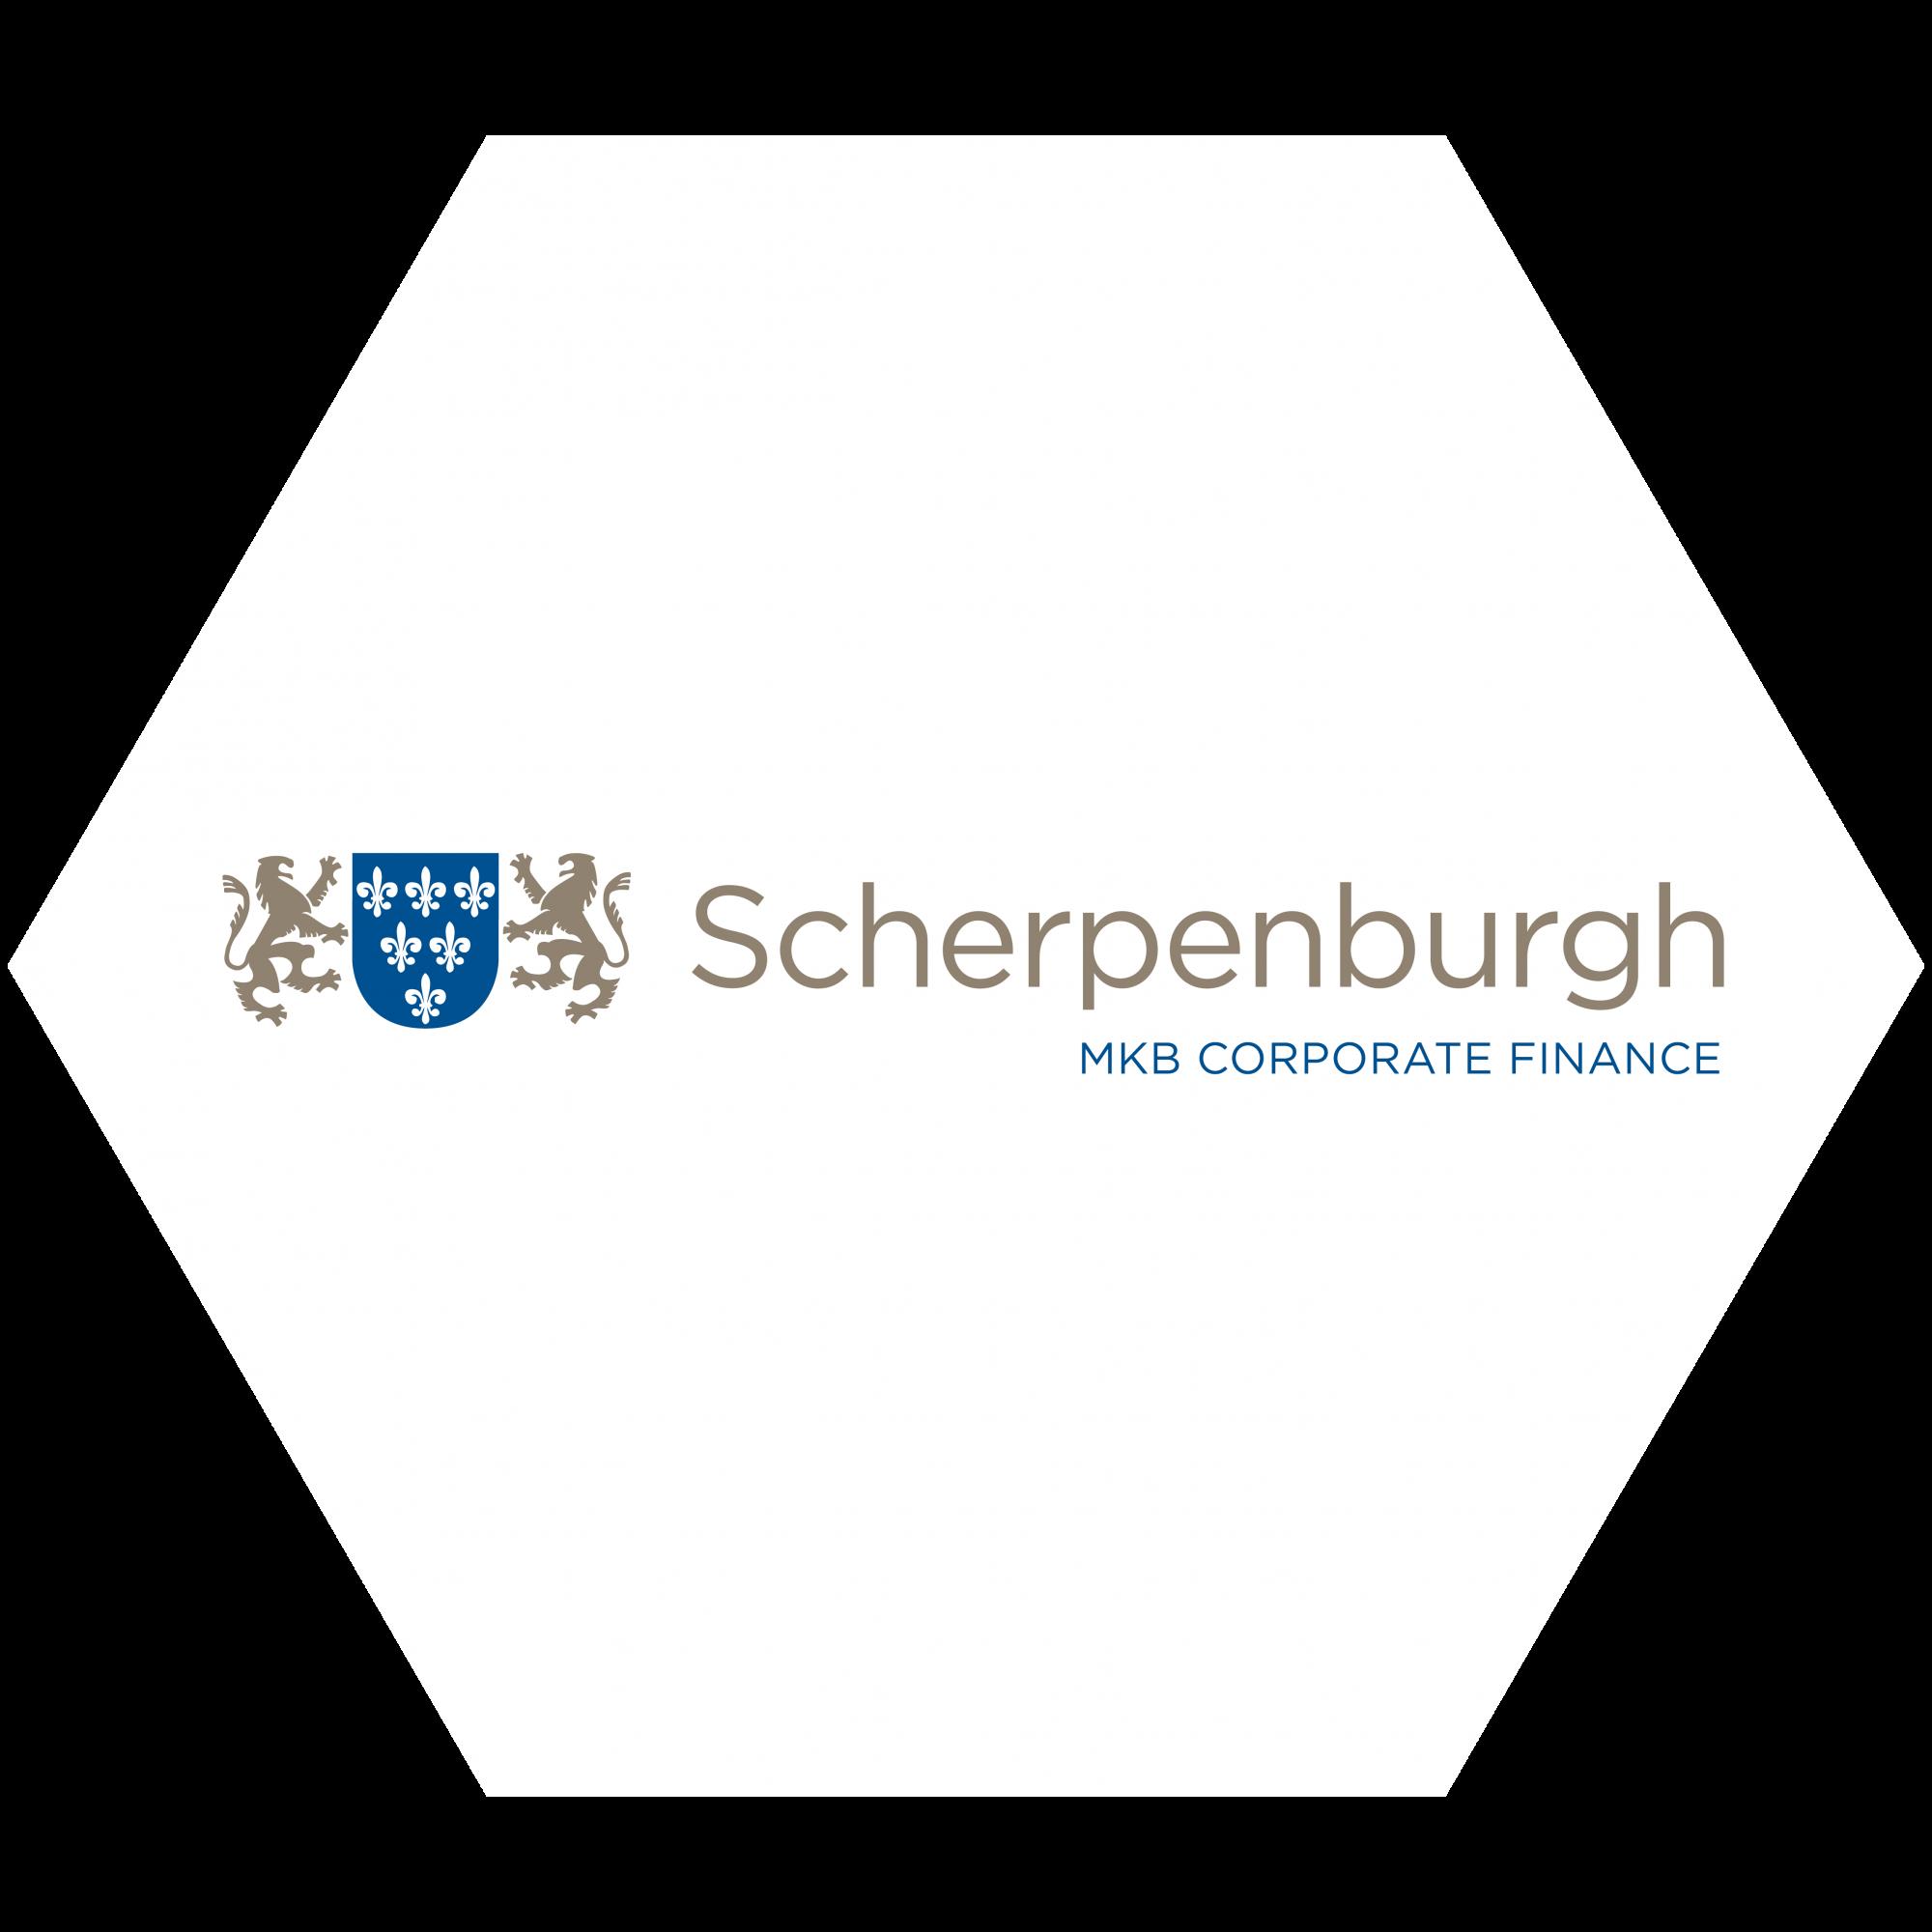 Scherpenburgh_V2